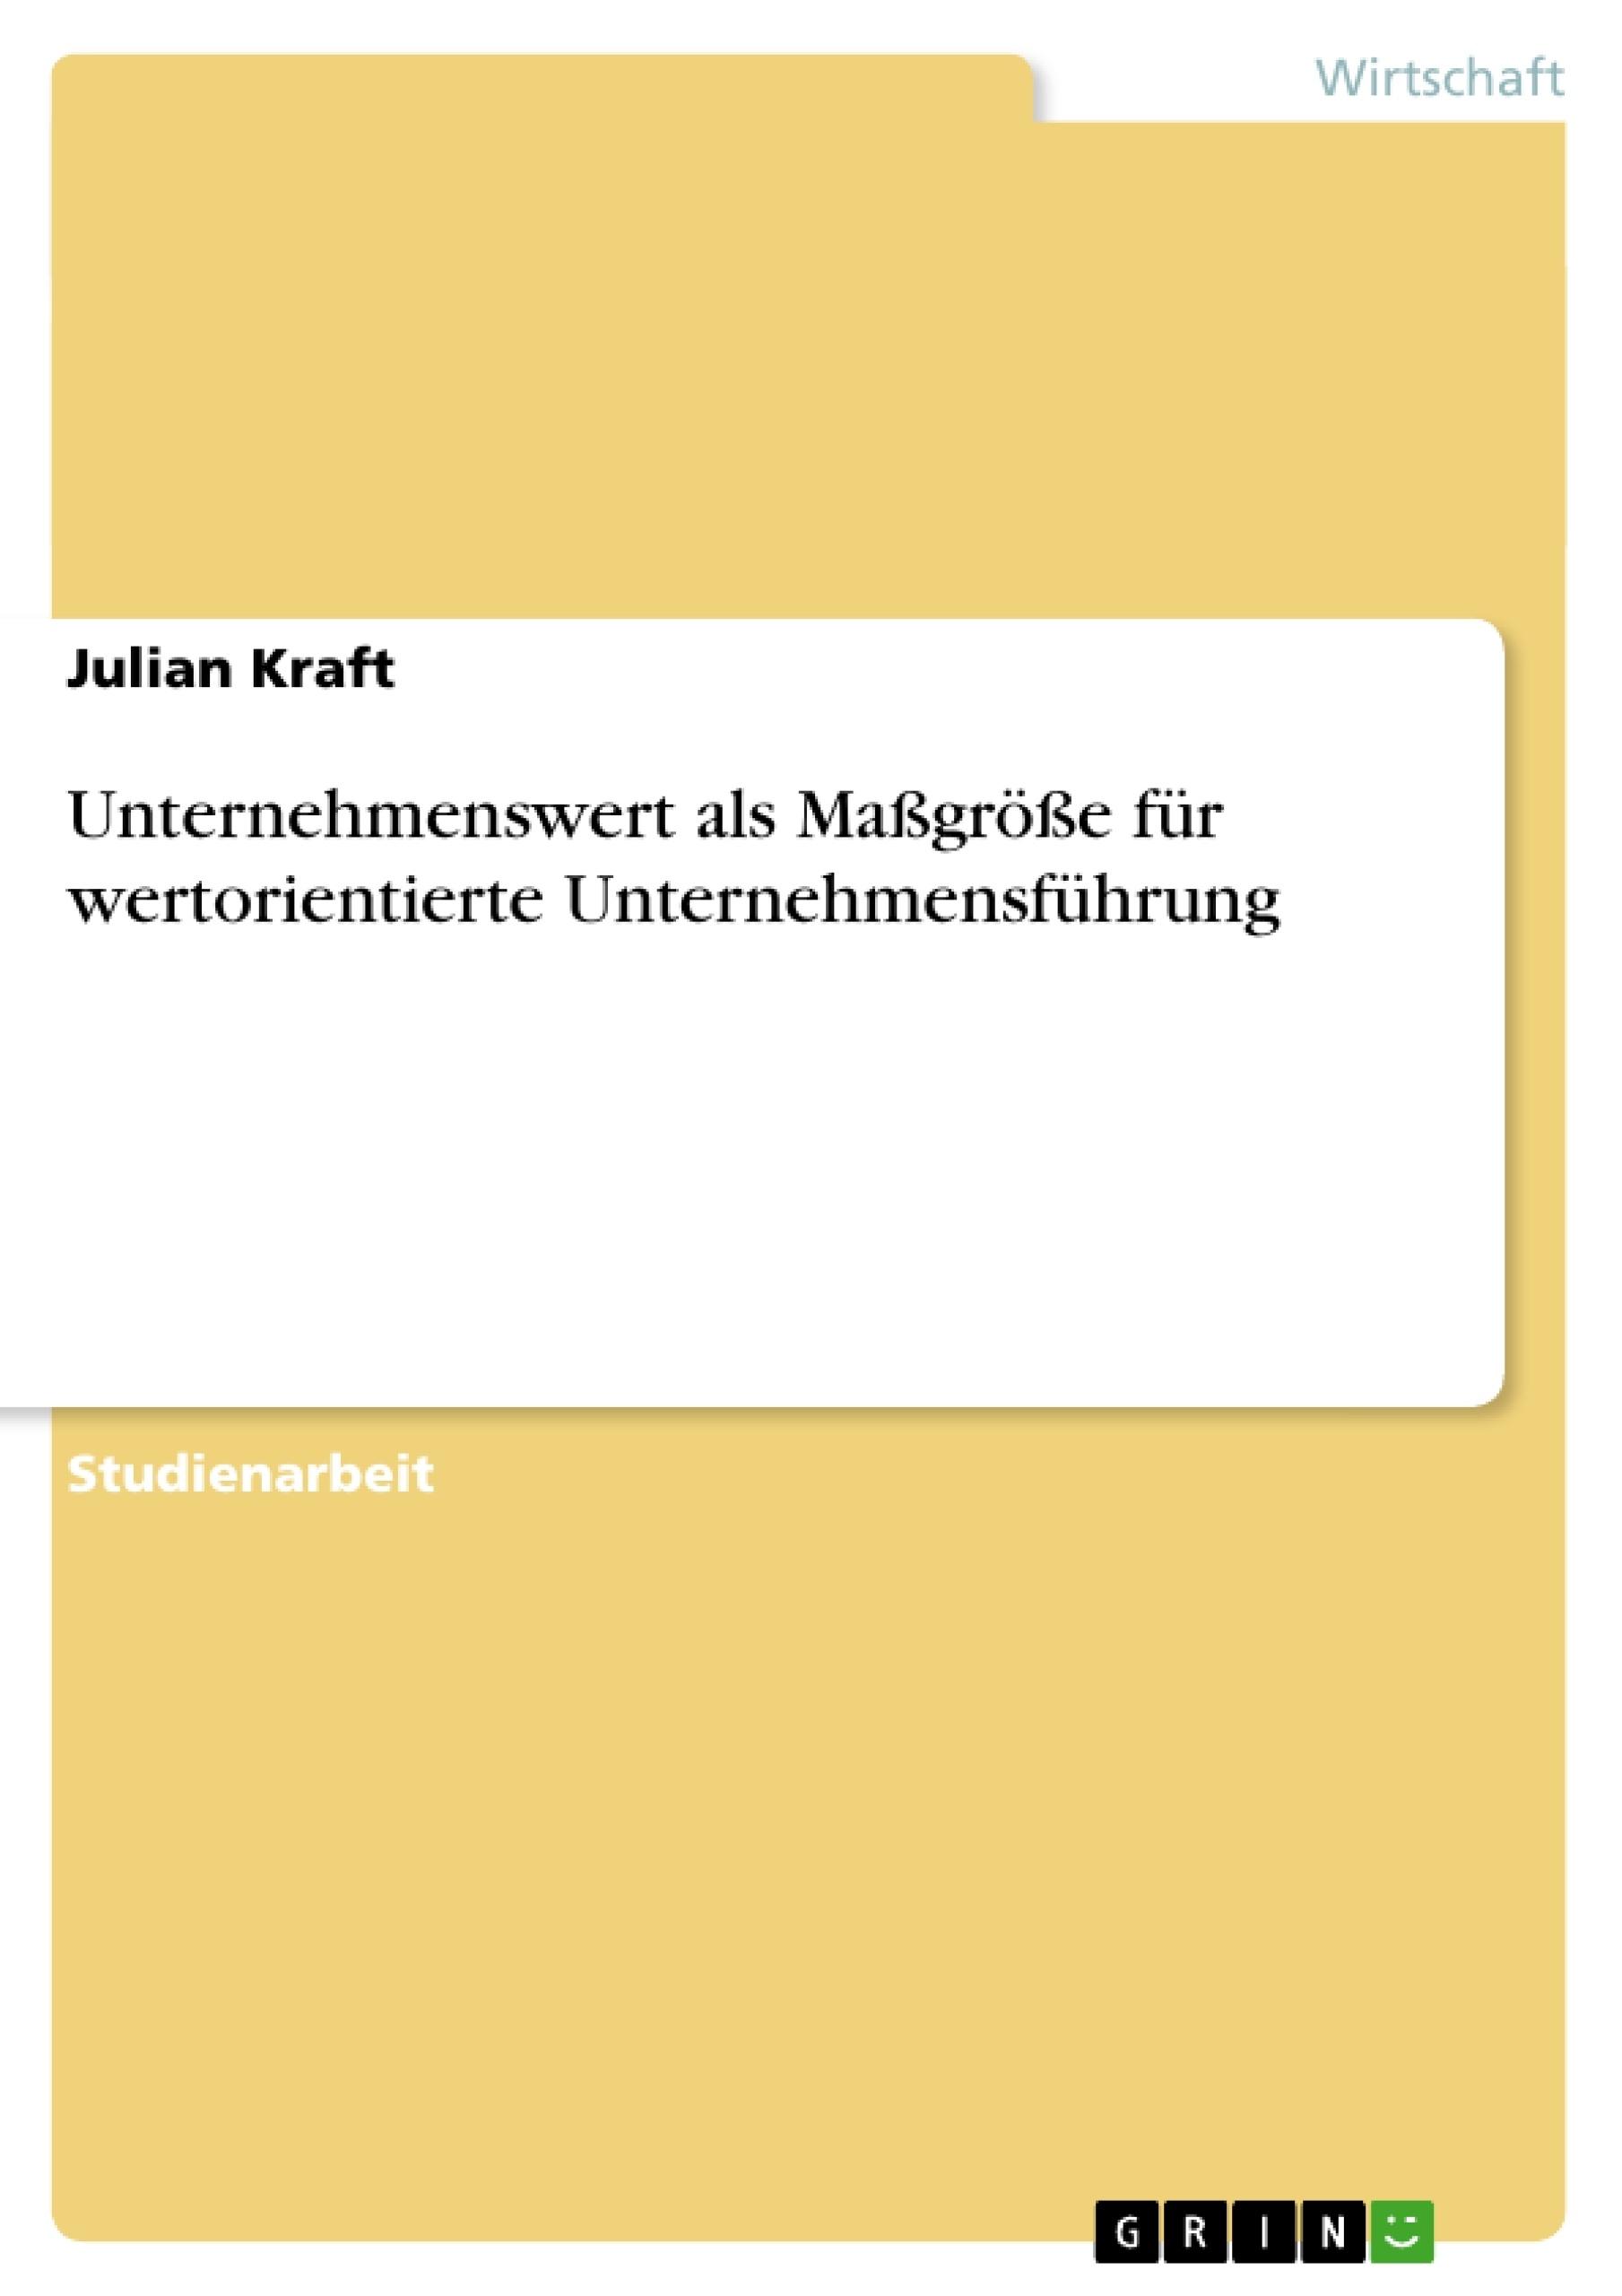 Titel: Unternehmenswert als Maßgröße für wertorientierte Unternehmensführung